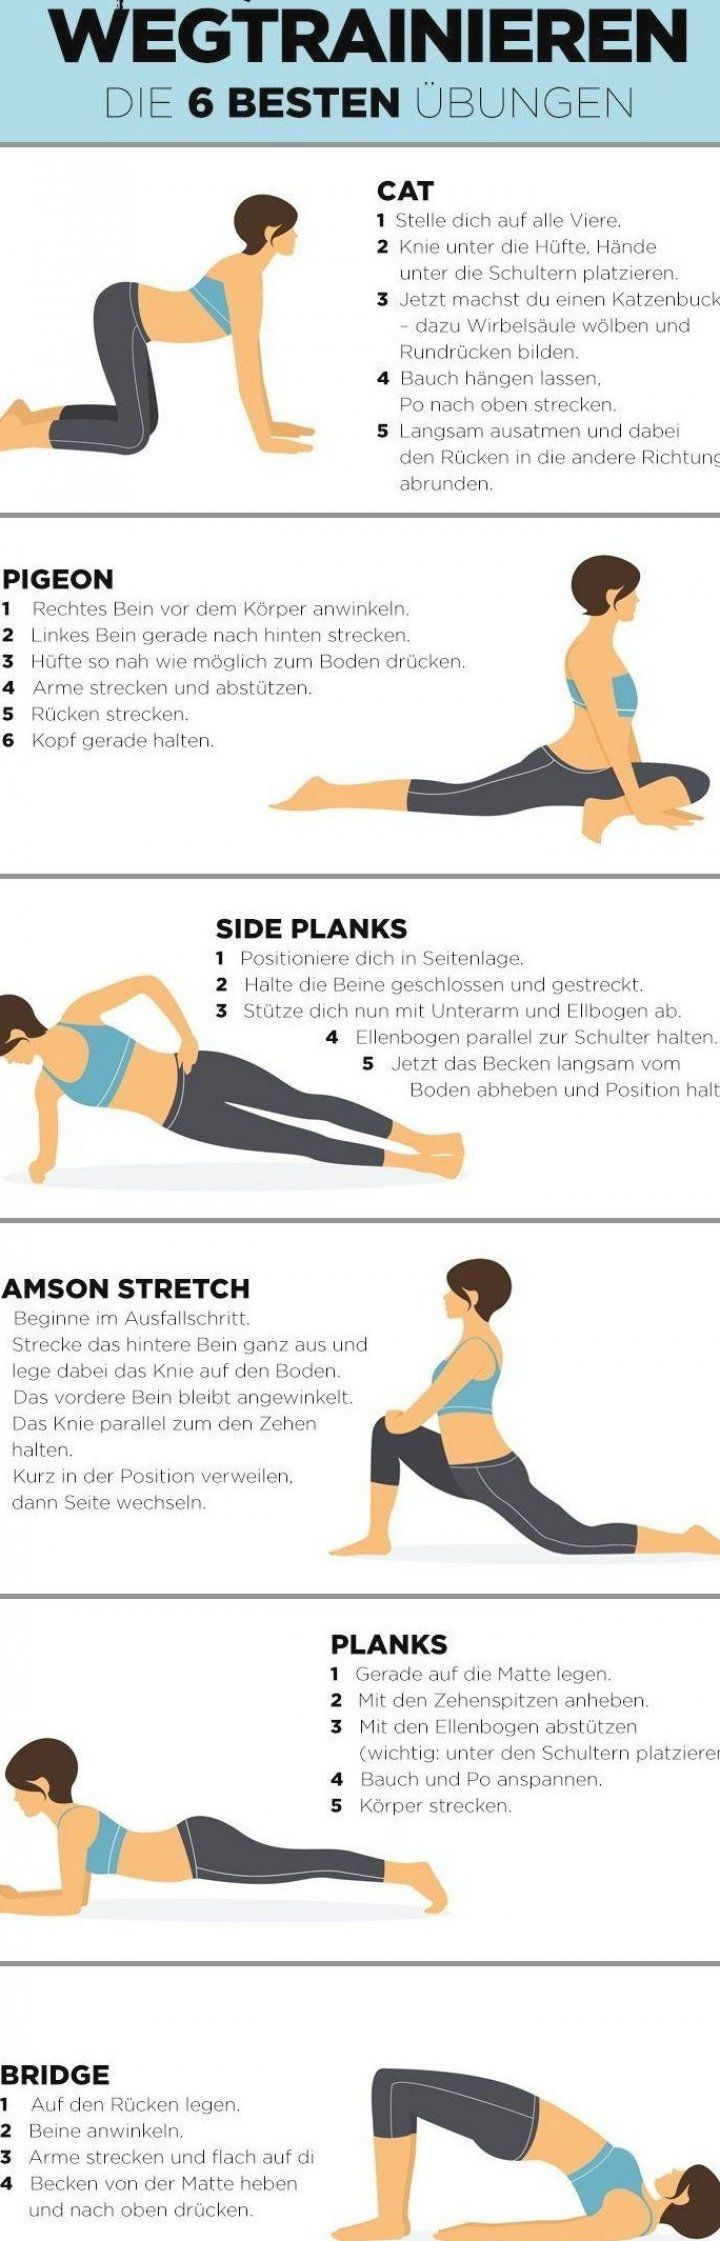 6   bungen  mit denen du ein Hohlkreuz wegtrainieren kannst  hohlkreuz  training  fitness  workout...